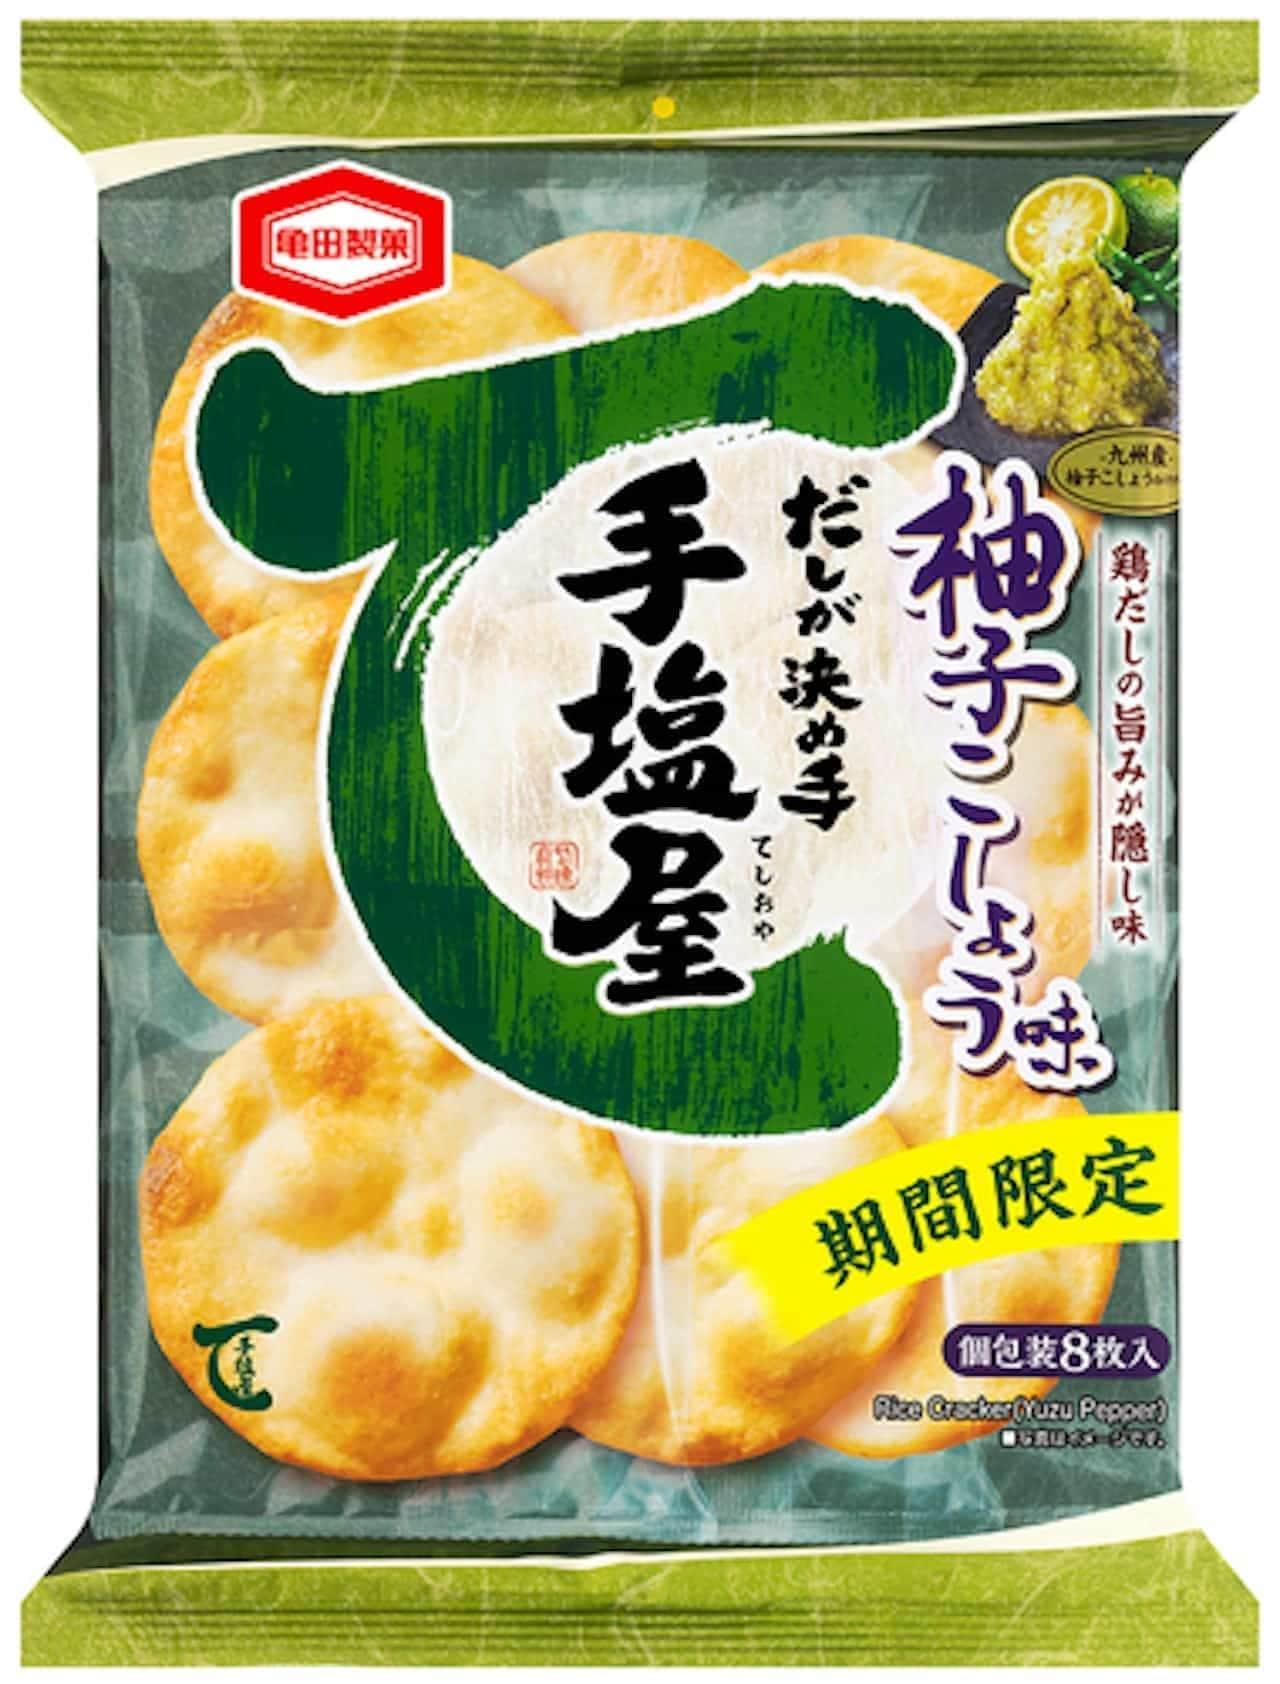 期間限定「手塩屋 柚子こしょう味」爽やかな辛みの柚子こしょう